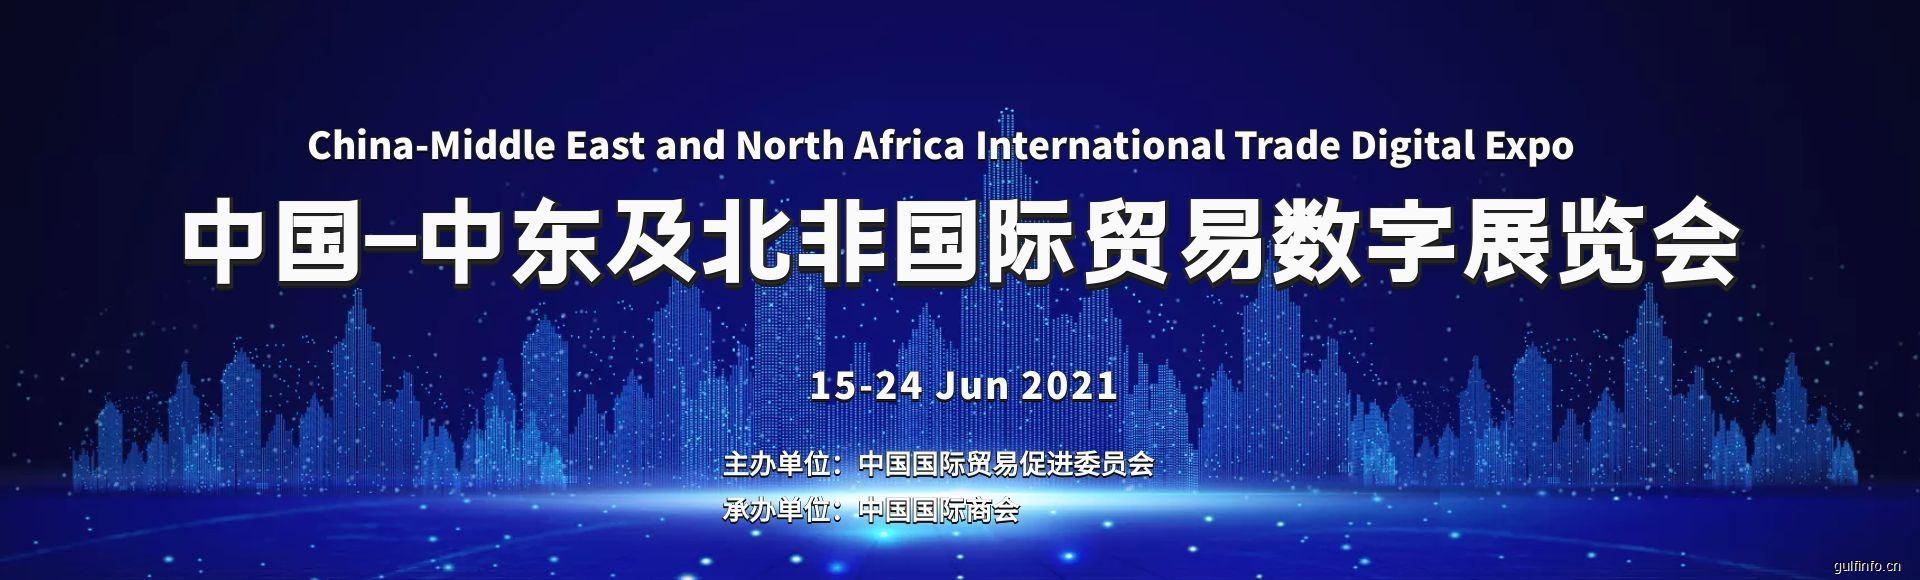 2021中东及北非国际贸易数字展览会即将开幕